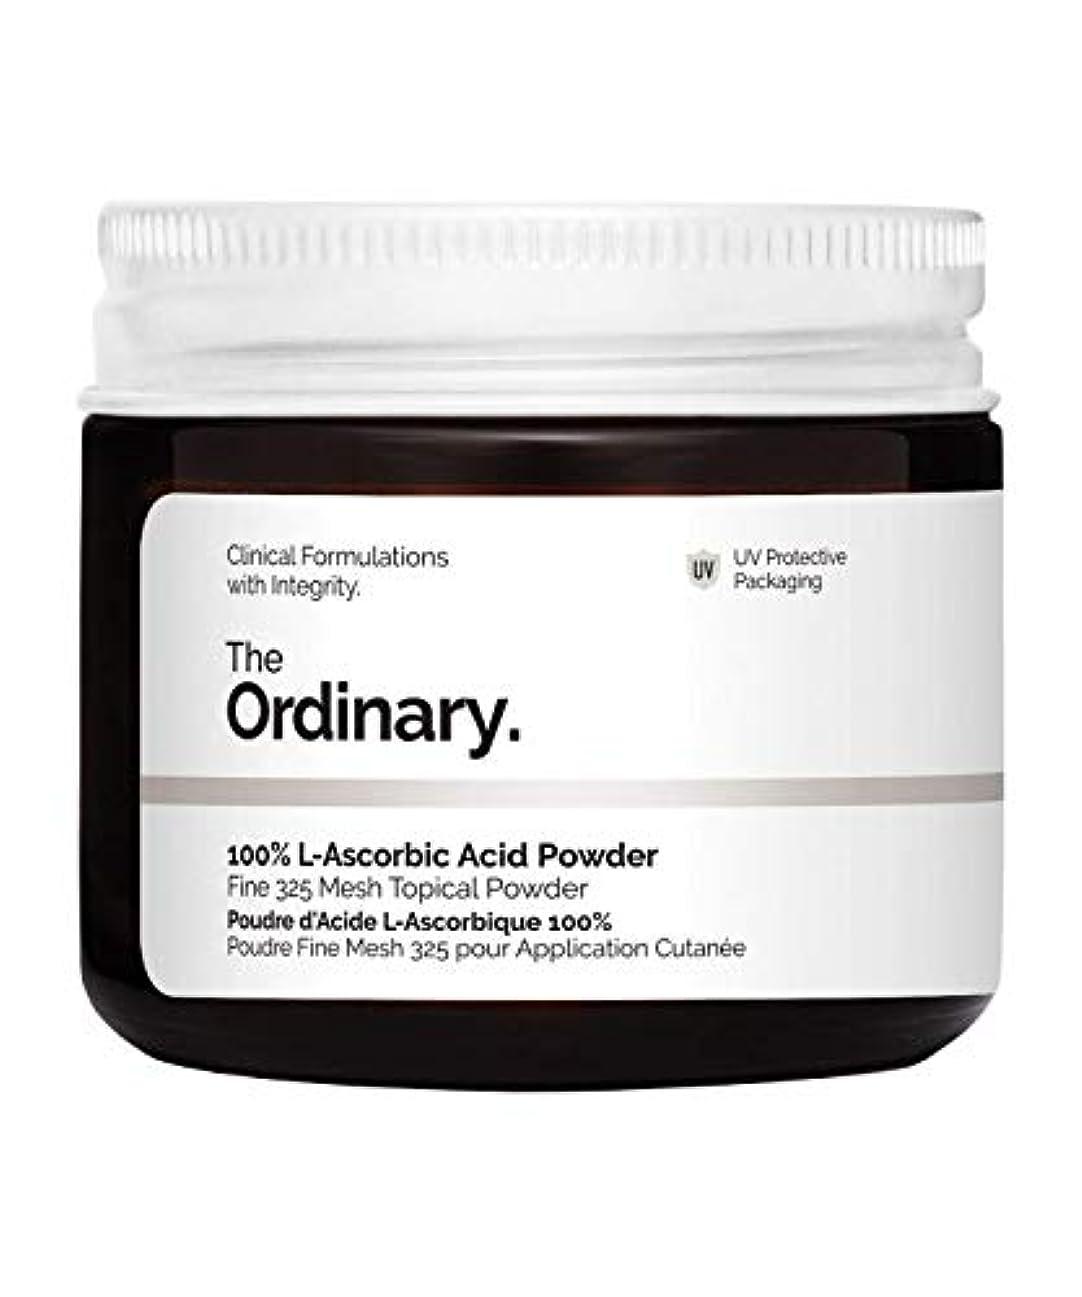 感謝している立法エンディングThe Ordinary 100% L-Ascorbic Acid Powder